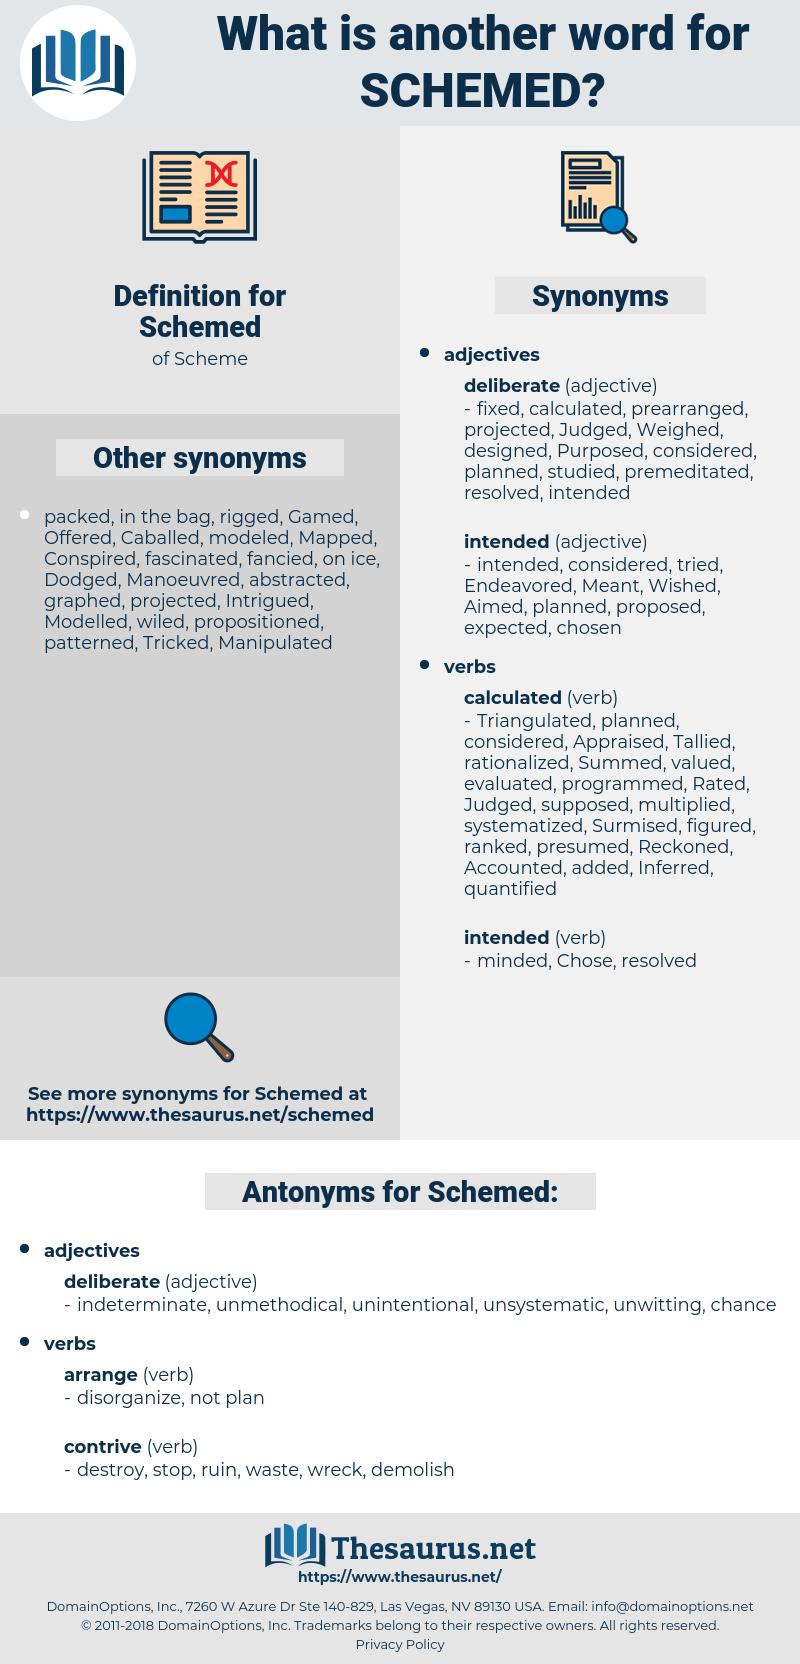 Schemed, synonym Schemed, another word for Schemed, words like Schemed, thesaurus Schemed